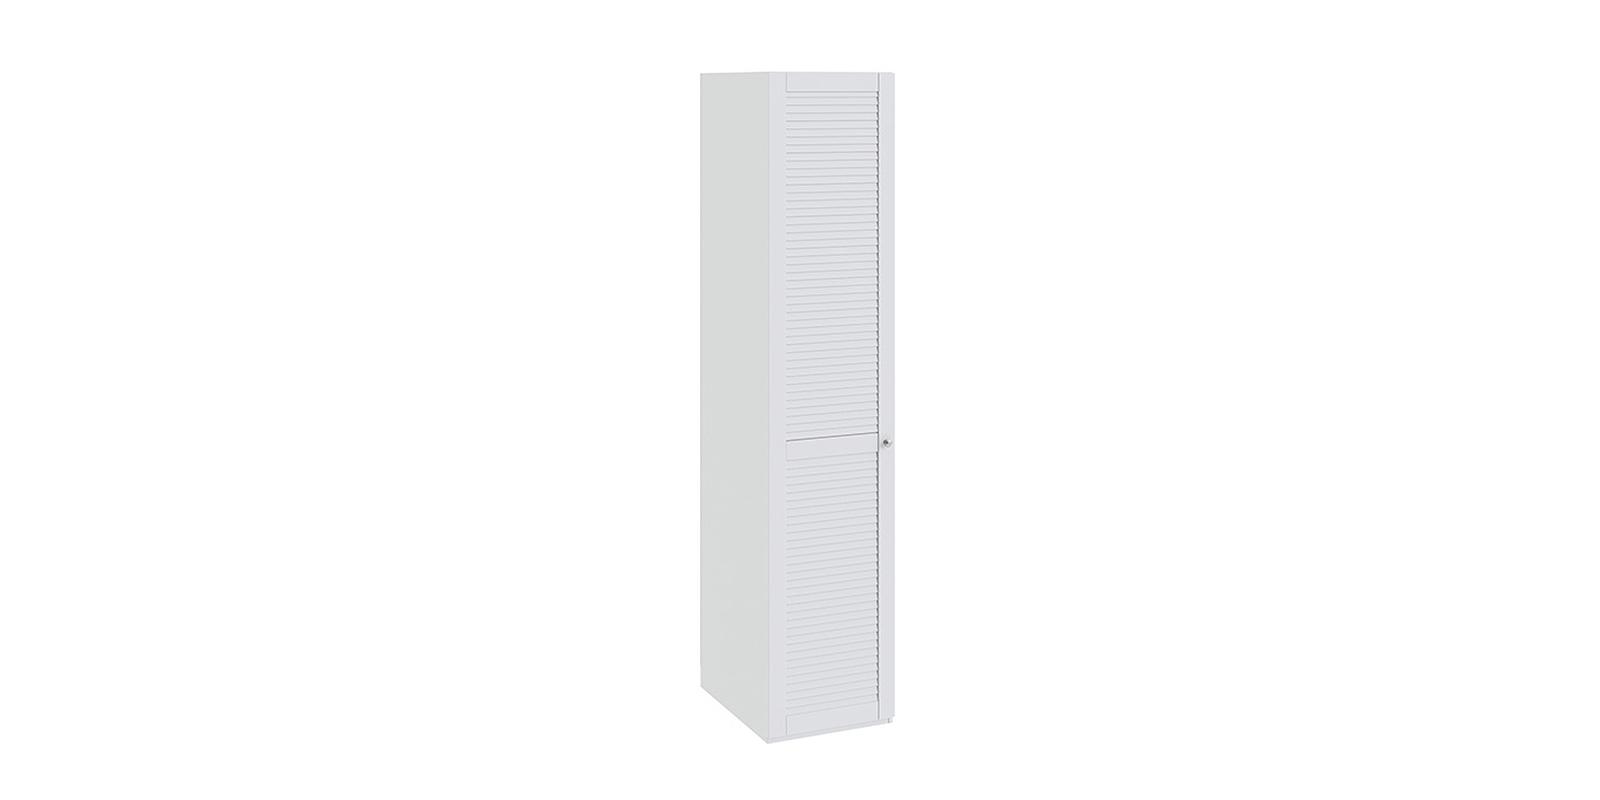 Шкаф распашной однодверный Мерида вариант №3 левый (белый)